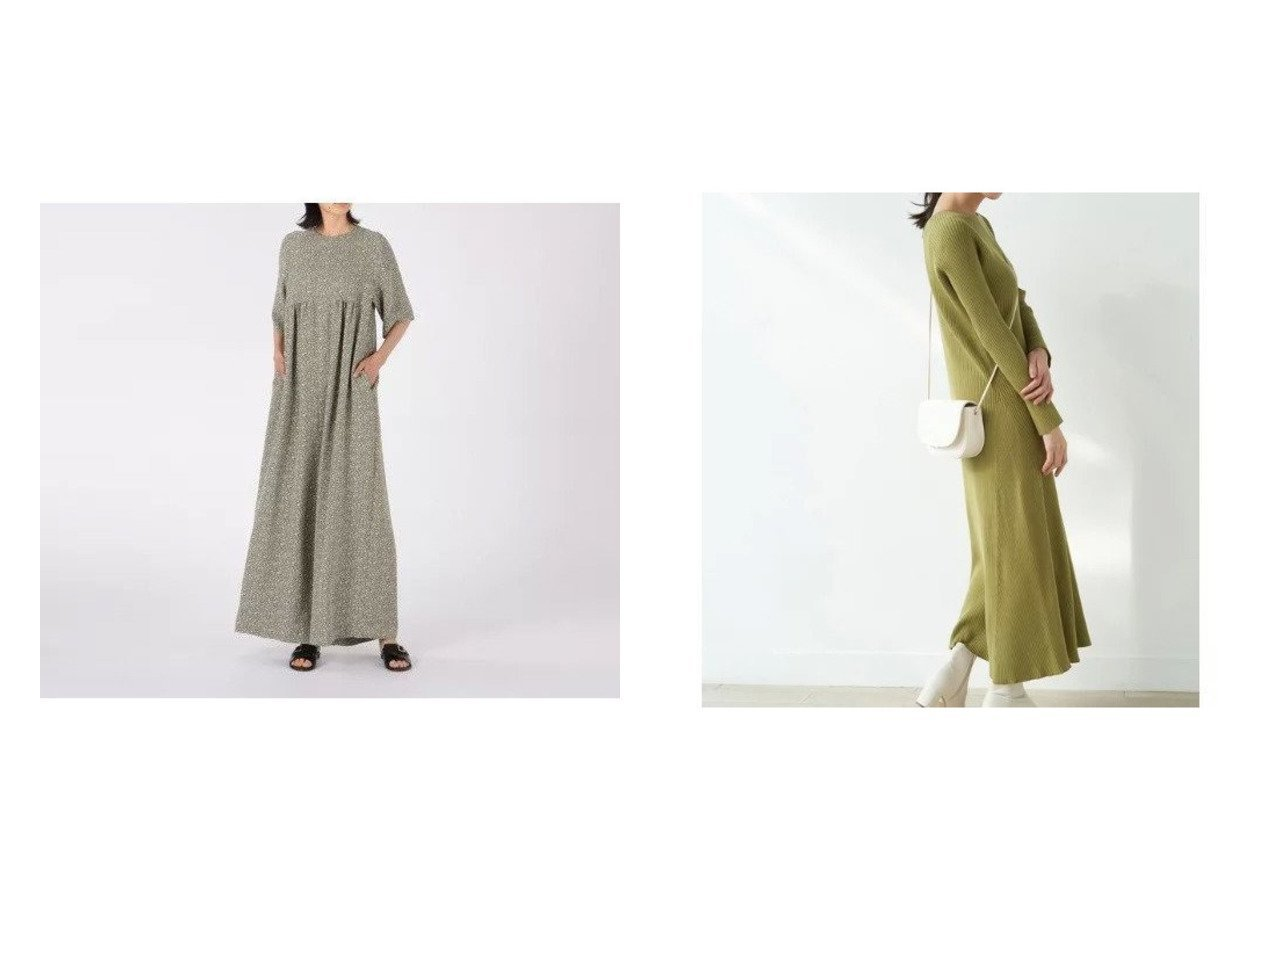 【Shinzone/シンゾーン】のARABESQUE ALLINONE&【Rope Picnic/ロペピクニック】のオーガニックコットンマーメイドシルエットニットワンピース ワンピース・ドレスのおすすめ!人気、トレンド・レディースファッションの通販 おすすめで人気の流行・トレンド、ファッションの通販商品 メンズファッション・キッズファッション・インテリア・家具・レディースファッション・服の通販 founy(ファニー) https://founy.com/ ファッション Fashion レディースファッション WOMEN ワンピース Dress オールインワン ワンピース All In One Dress サロペット Salopette ニットワンピース Knit Dresses エレガント 春 Spring 秋 Autumn/Fall カーディガン シンプル ジャケット ジーンズ スカーフ ストール 長袖 バランス ポケット マーメイド レギンス 冬 Winter  ID:crp329100000014771